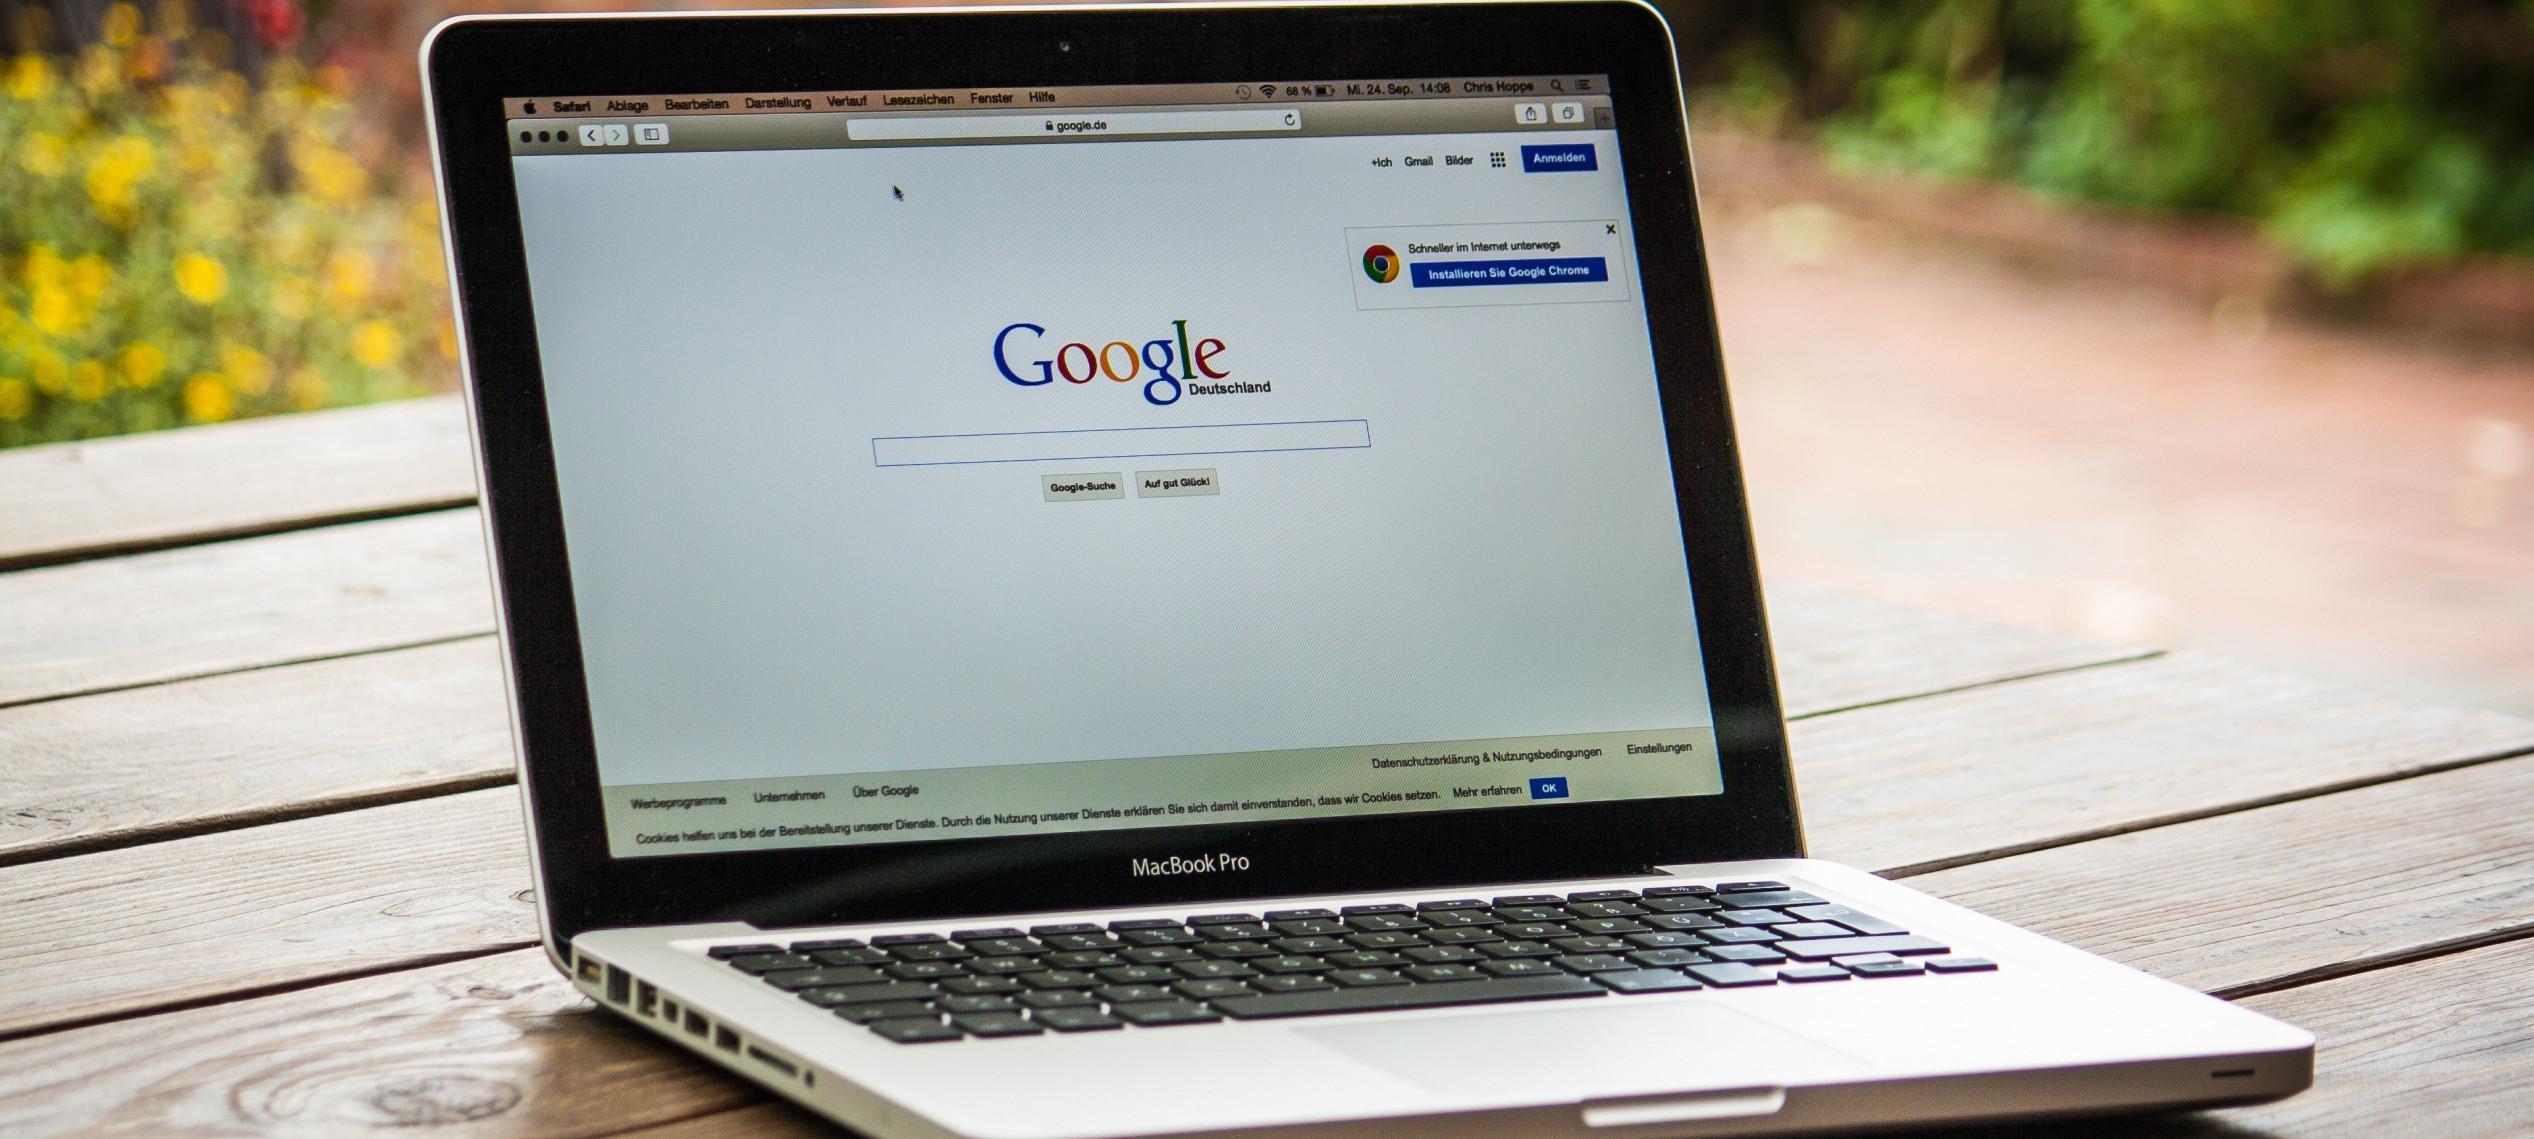 Laptop mit Startseite Google